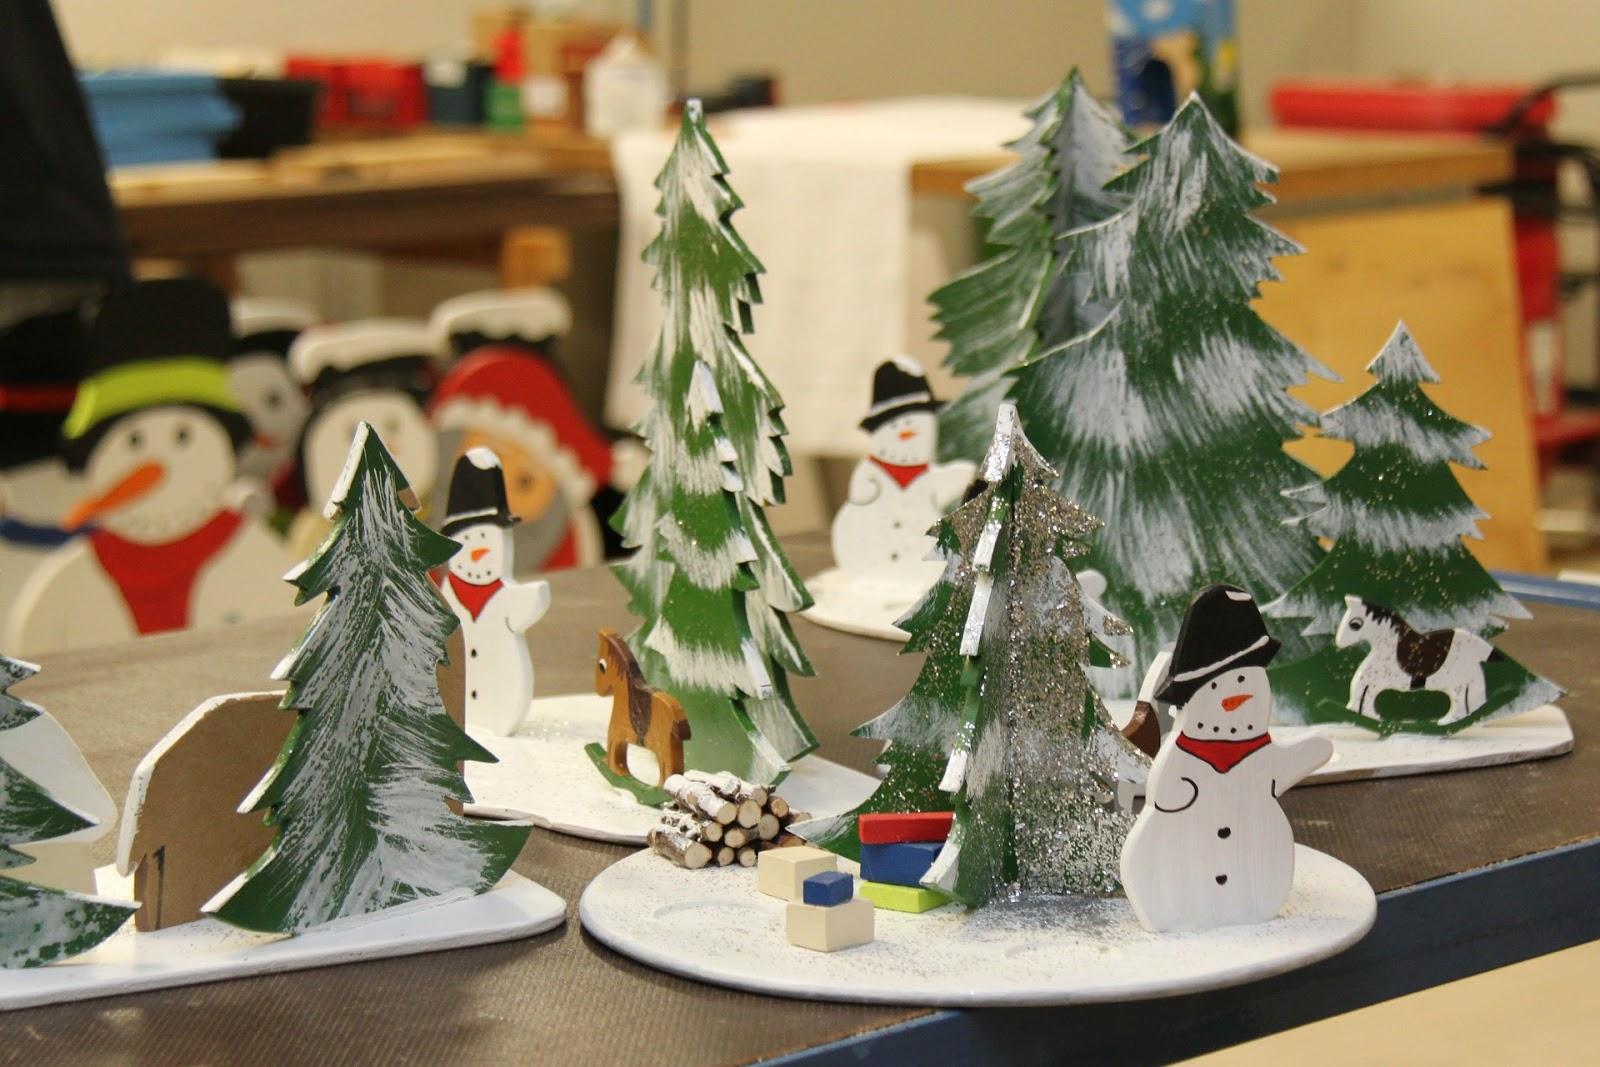 Anspruchsvoll Kleine Weihnachtsgeschenke Basteln Sammlung Von Die Bastelaktion Richtet Sich An Kinder Ab